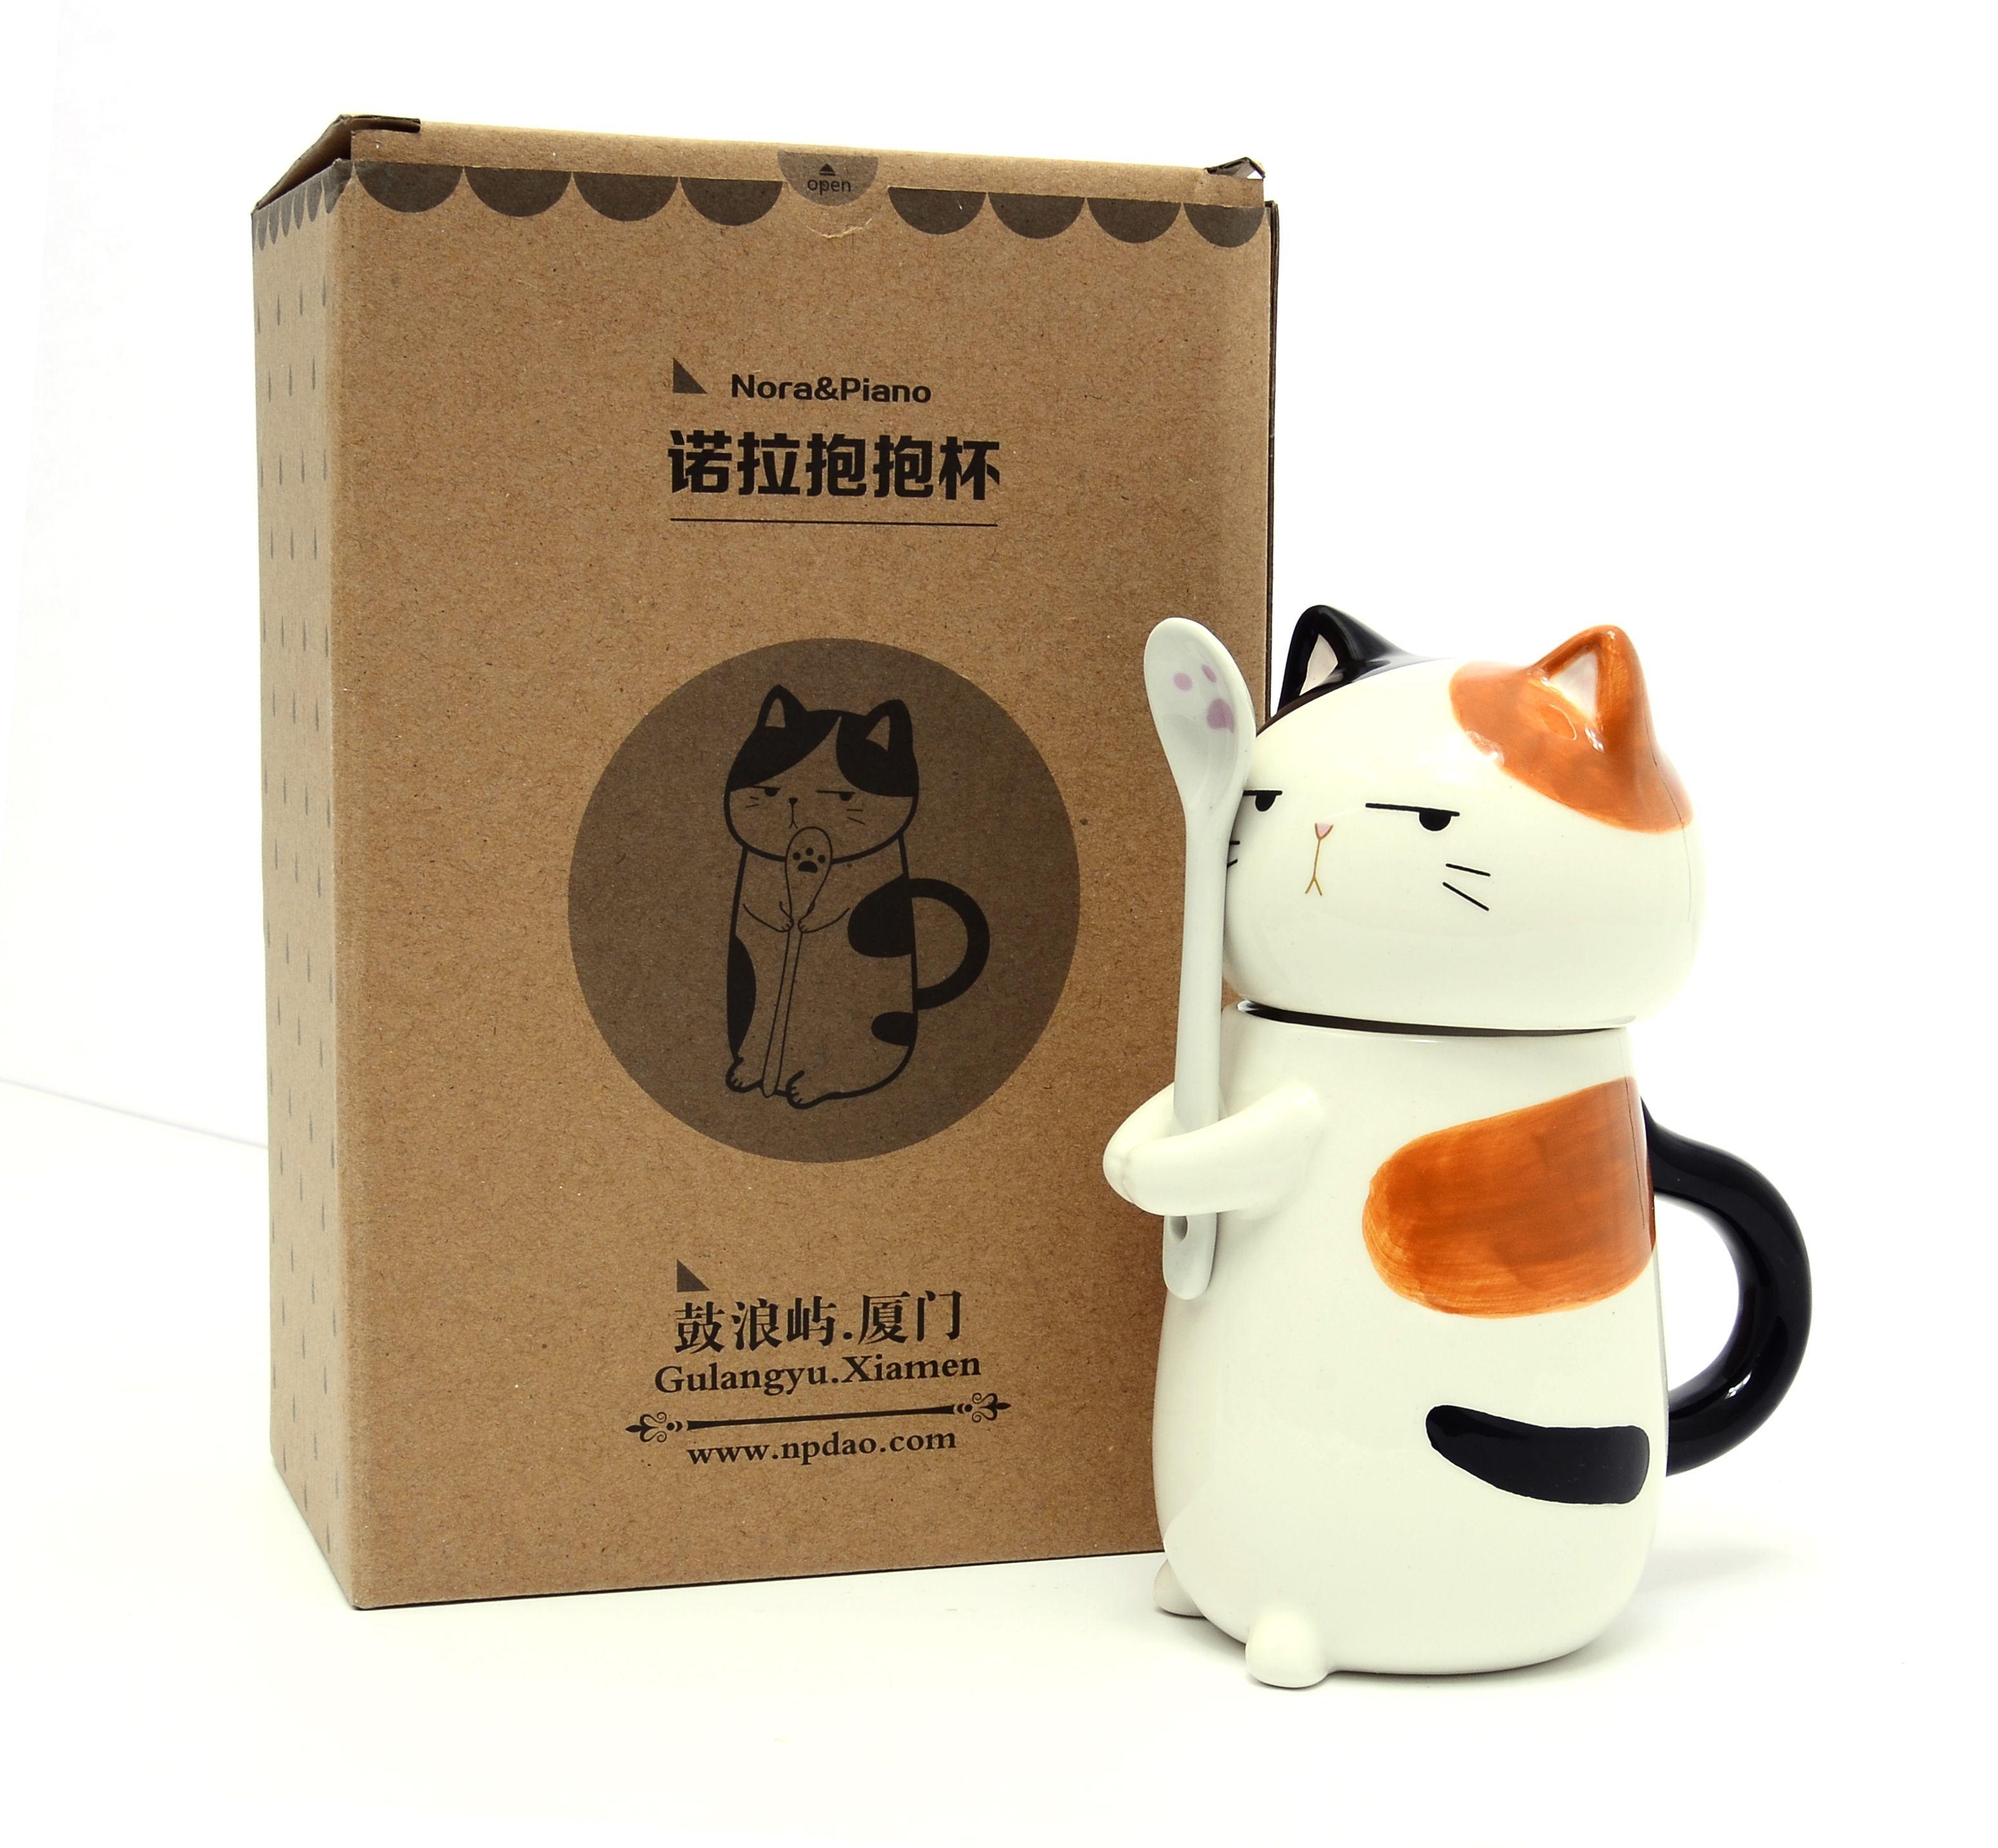 275cc кошка собака кружка для кофе с крышкой ложки керамическая чашка чая милые животные Drinkware 6 видов стилей